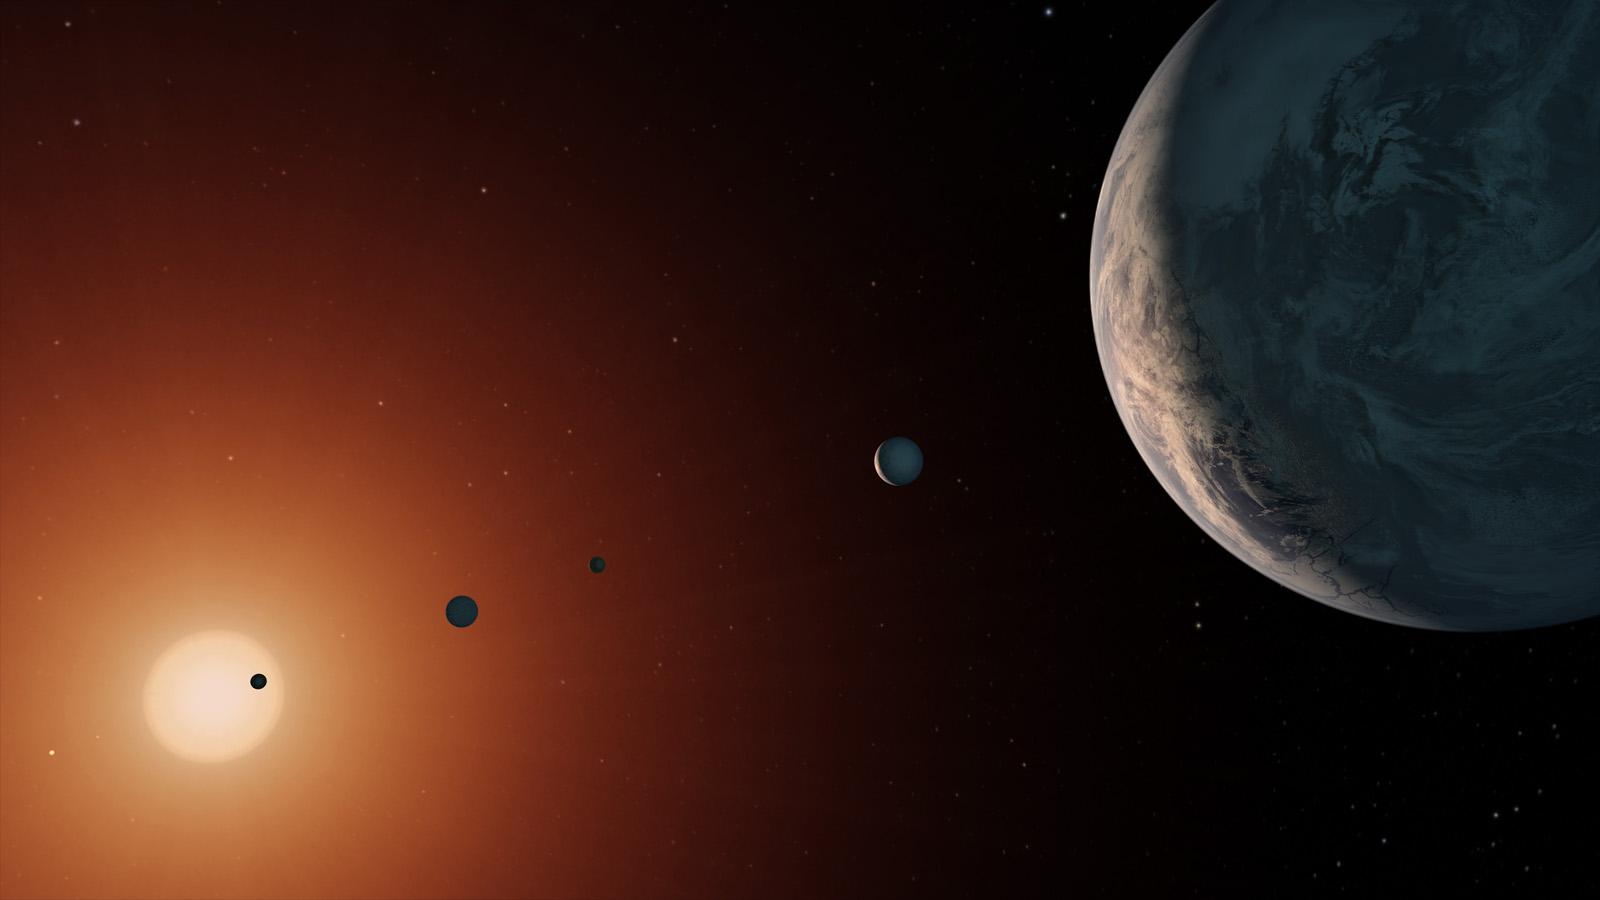 Планеты в обитаемой зоне системы TRAPPIST-1 могут быть раскалены из-за магнитного поля своей звезды - 3